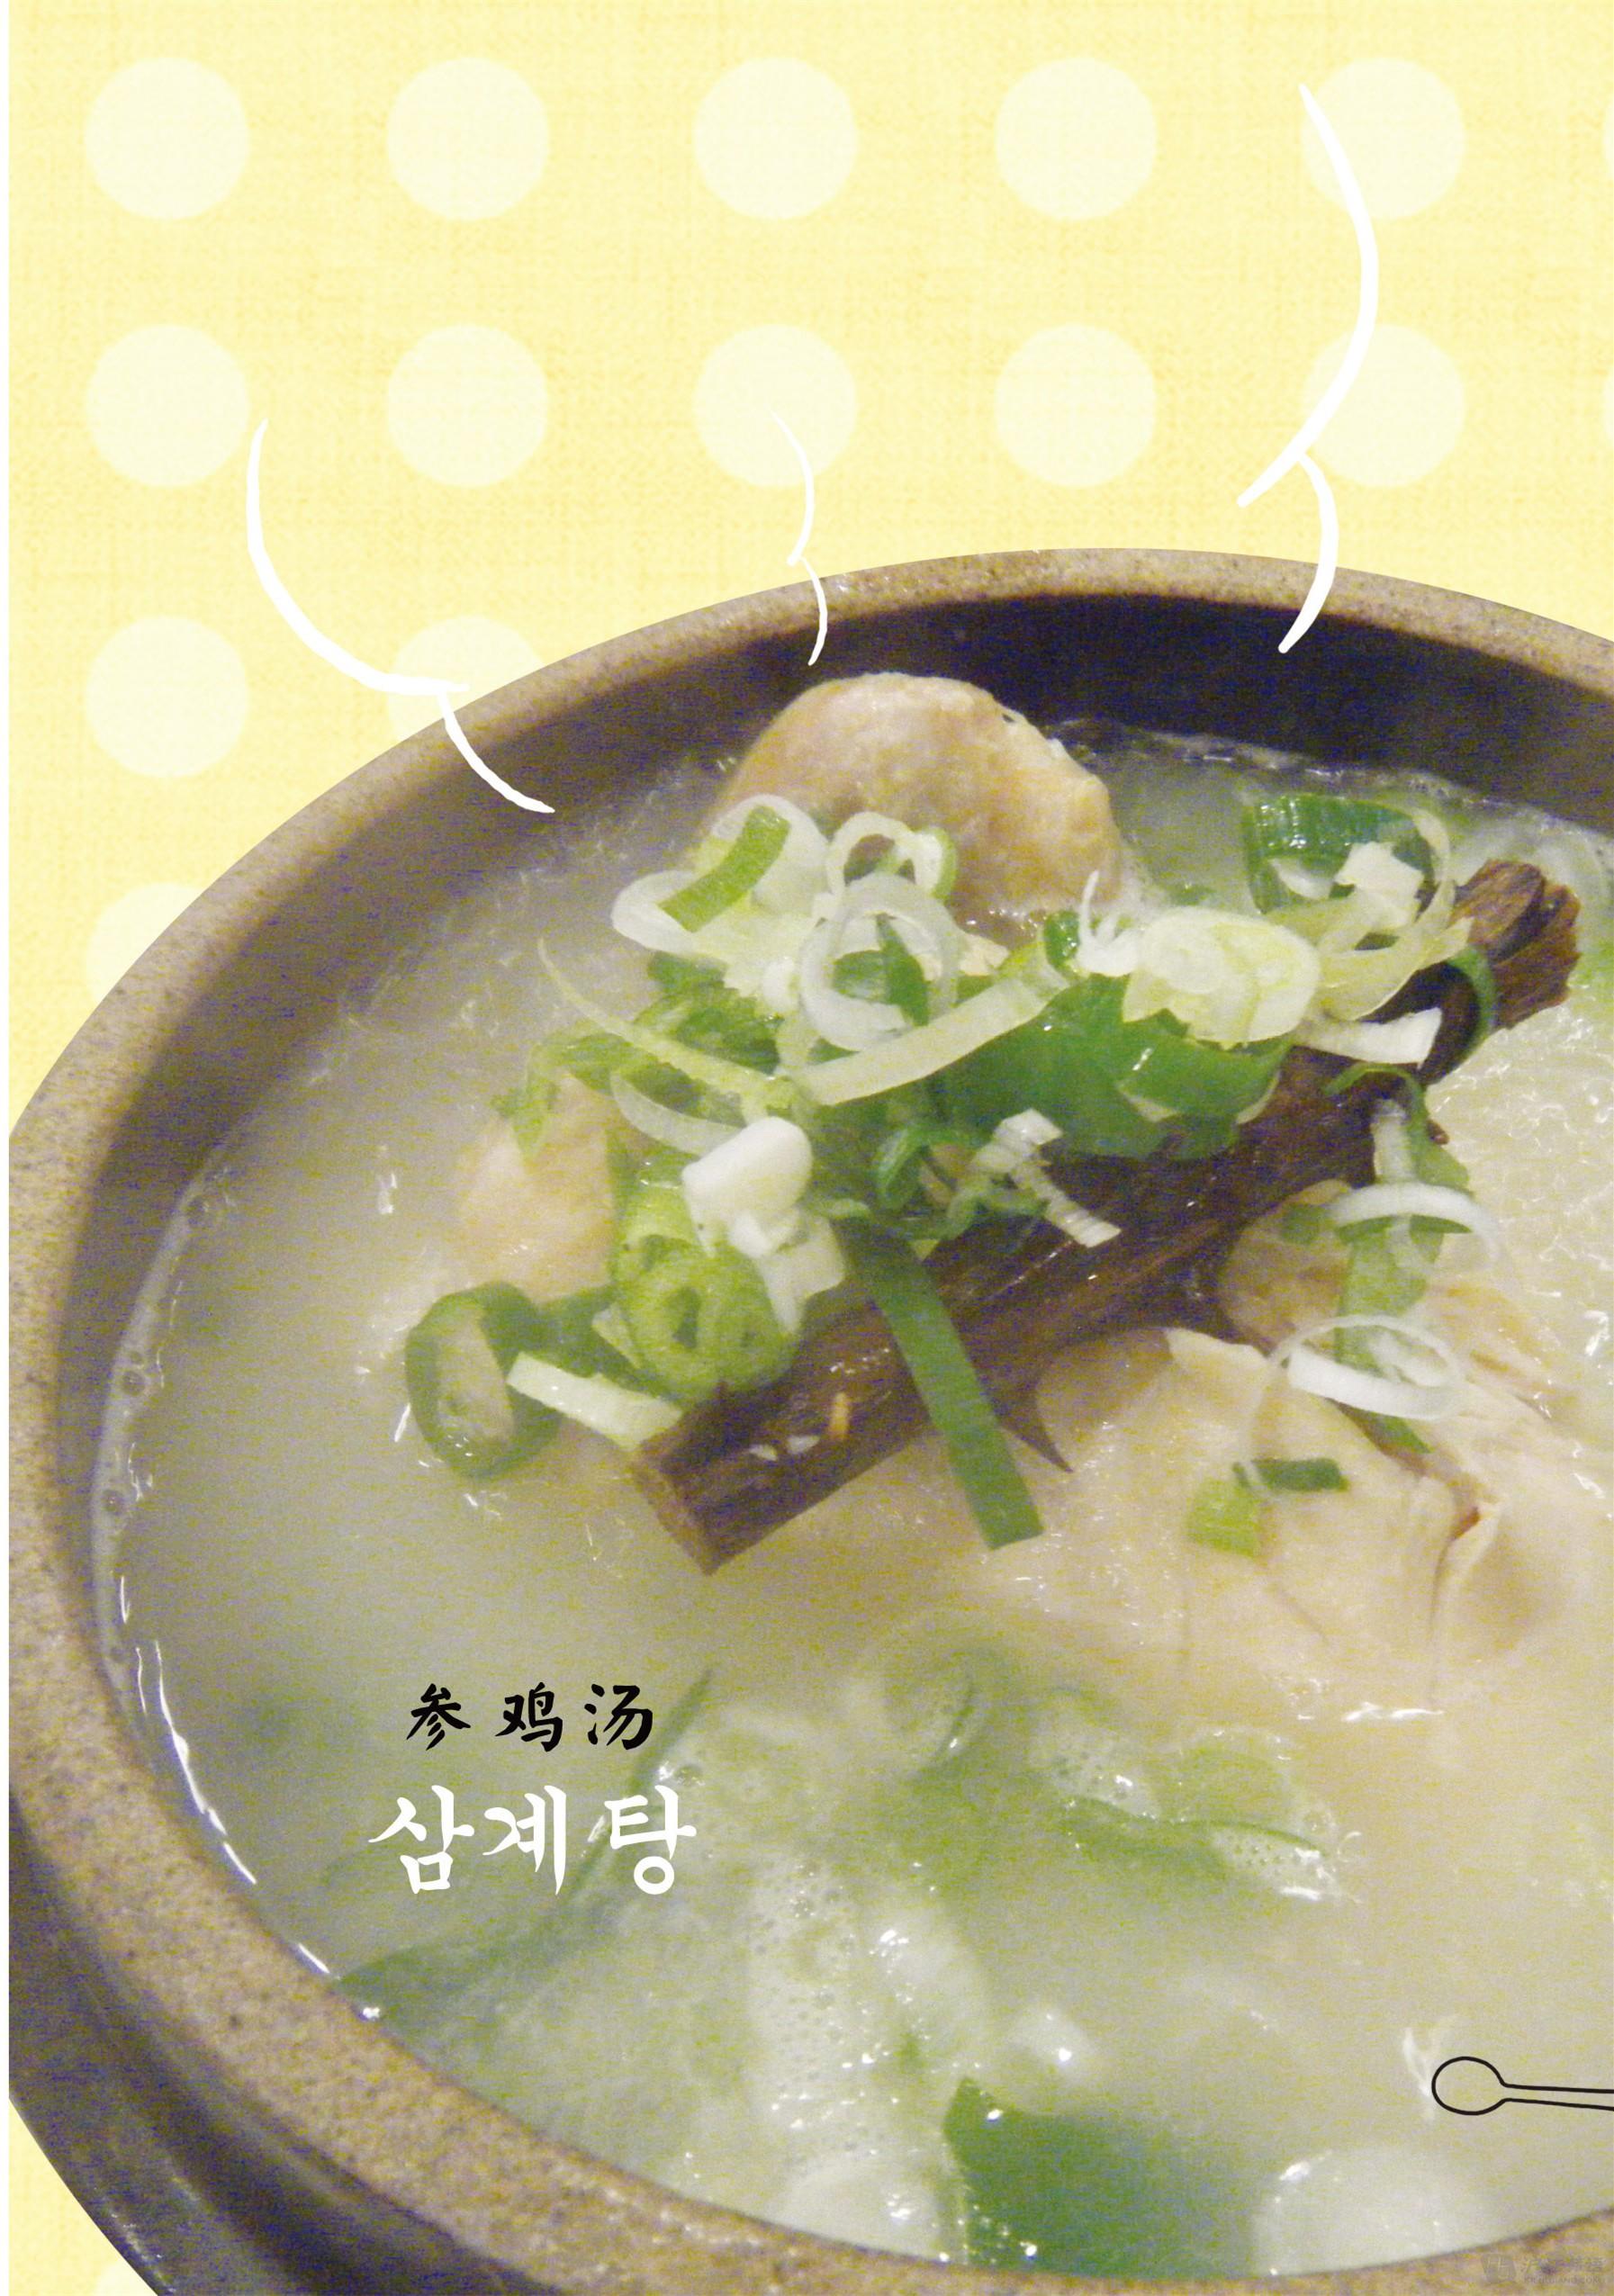 新书试读:《花花手绘韩语厨房》之参鸡汤